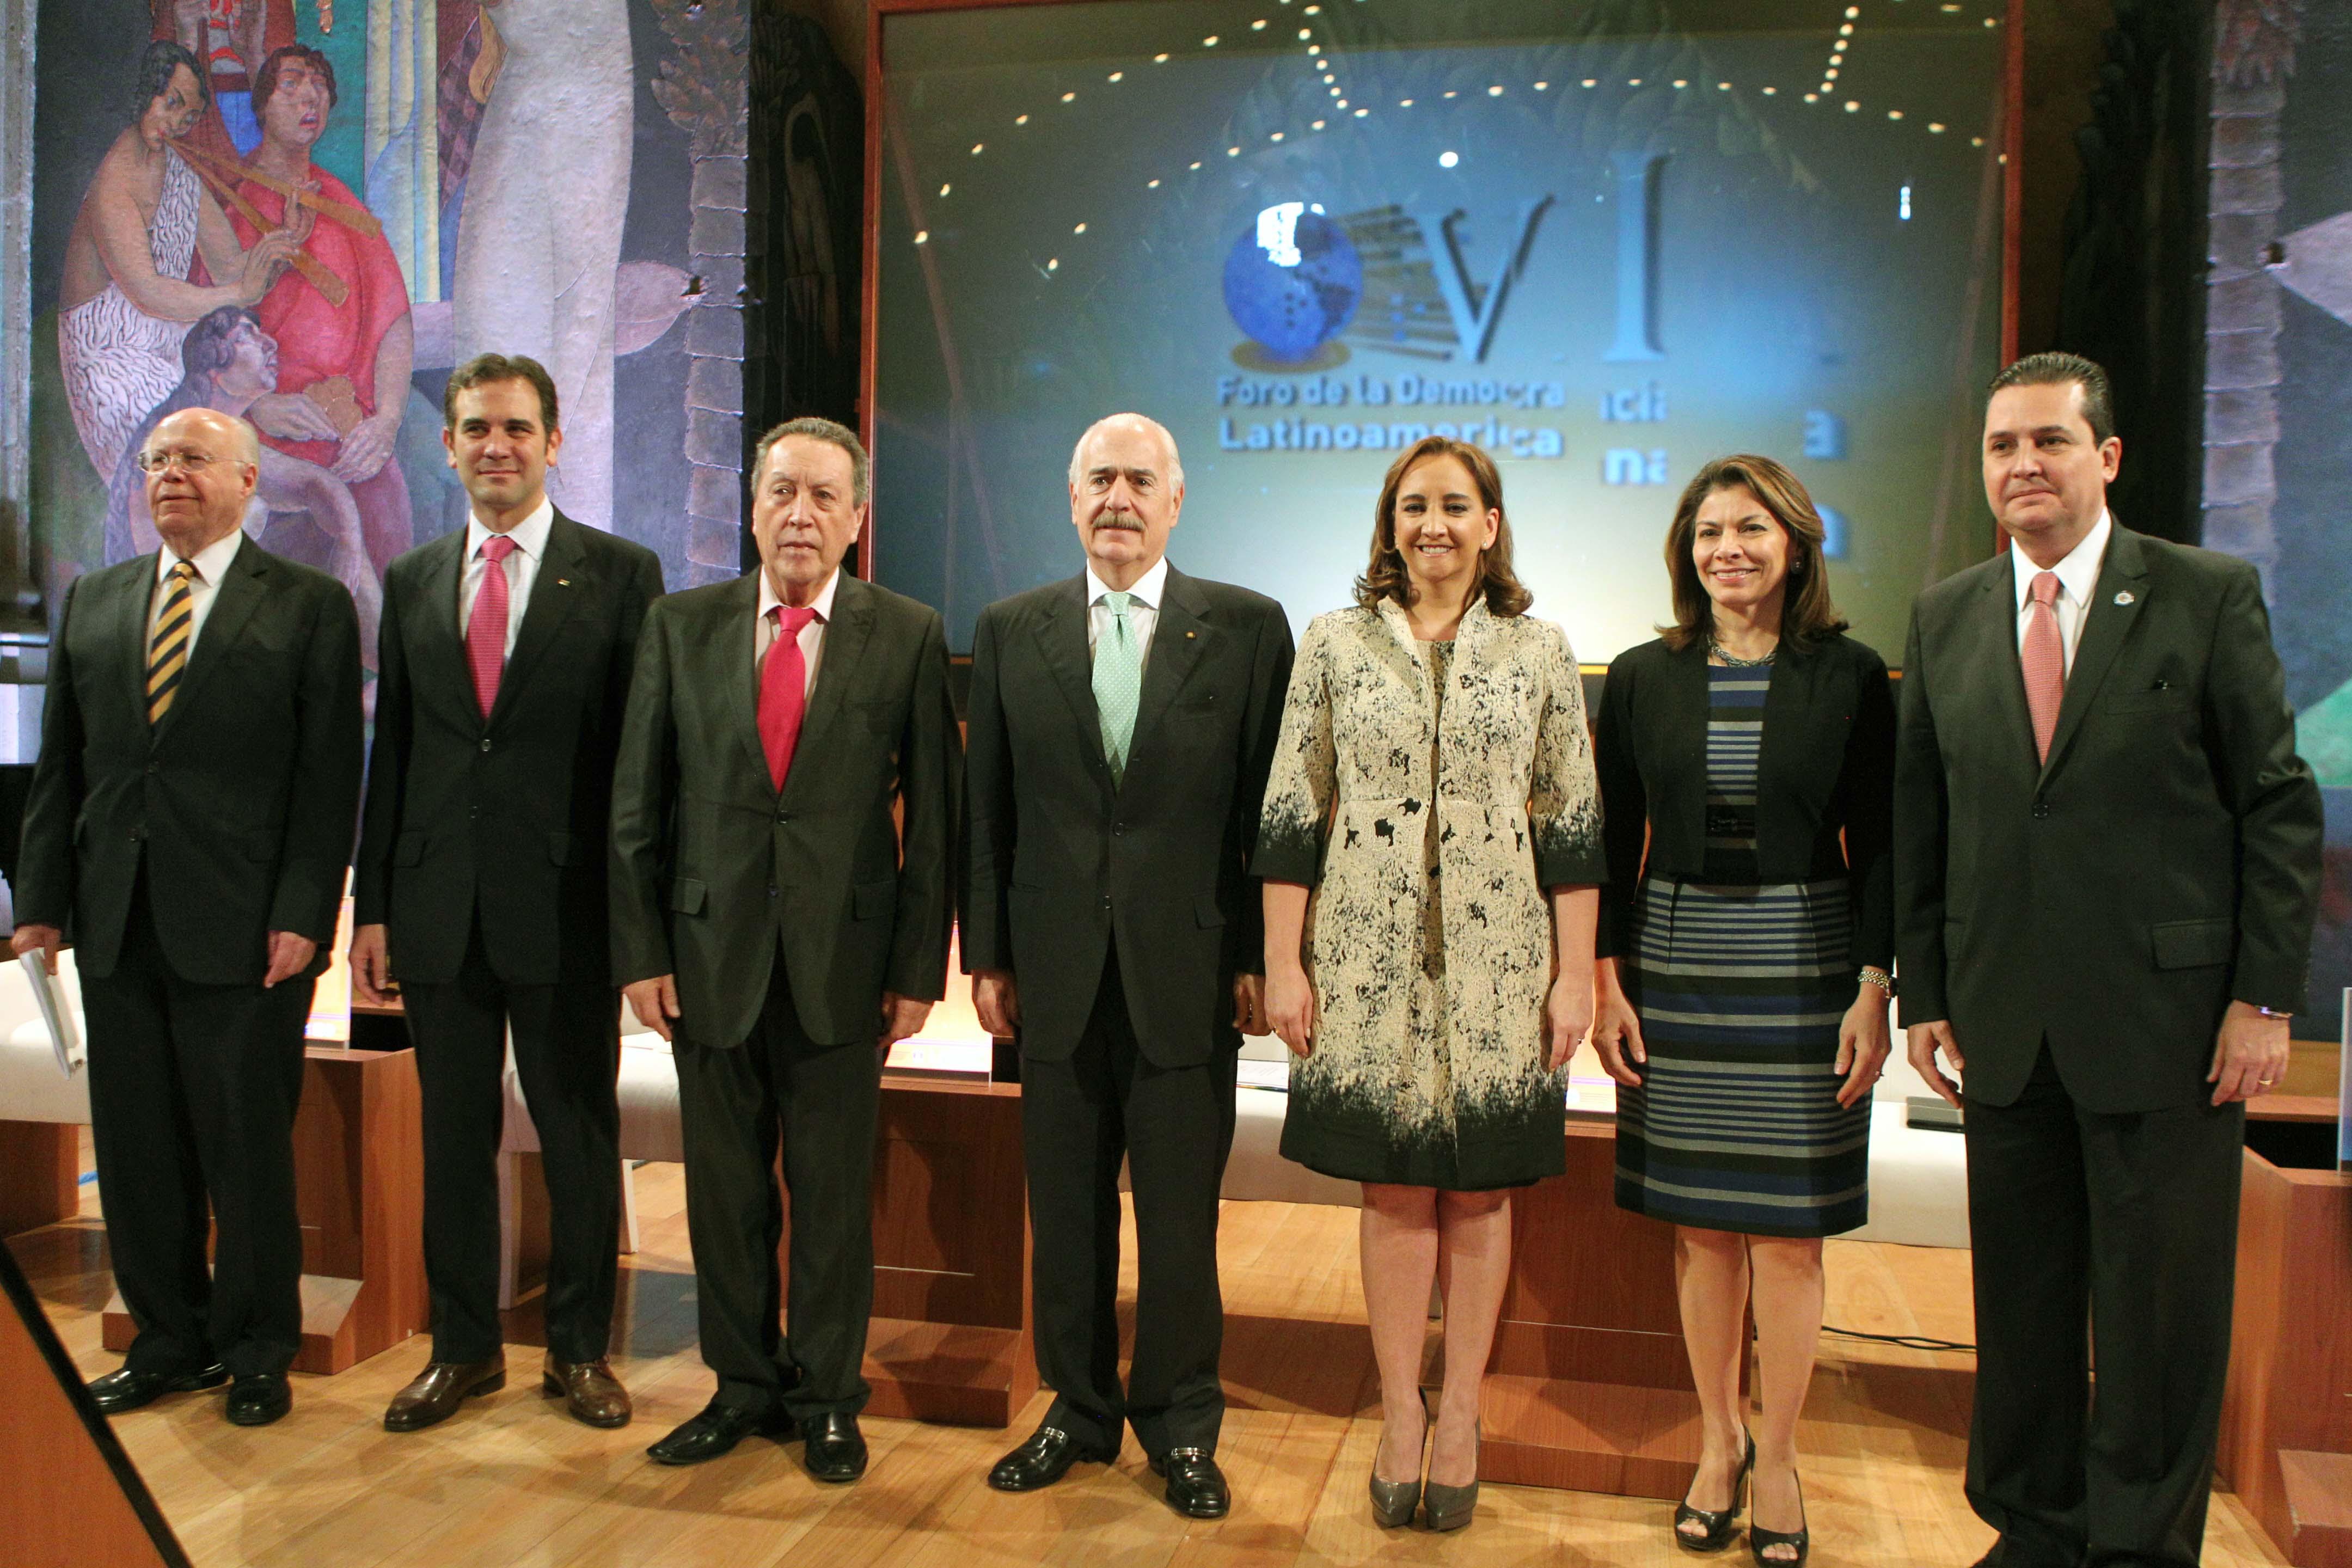 VI Foro de la Democracia Latinoamericana